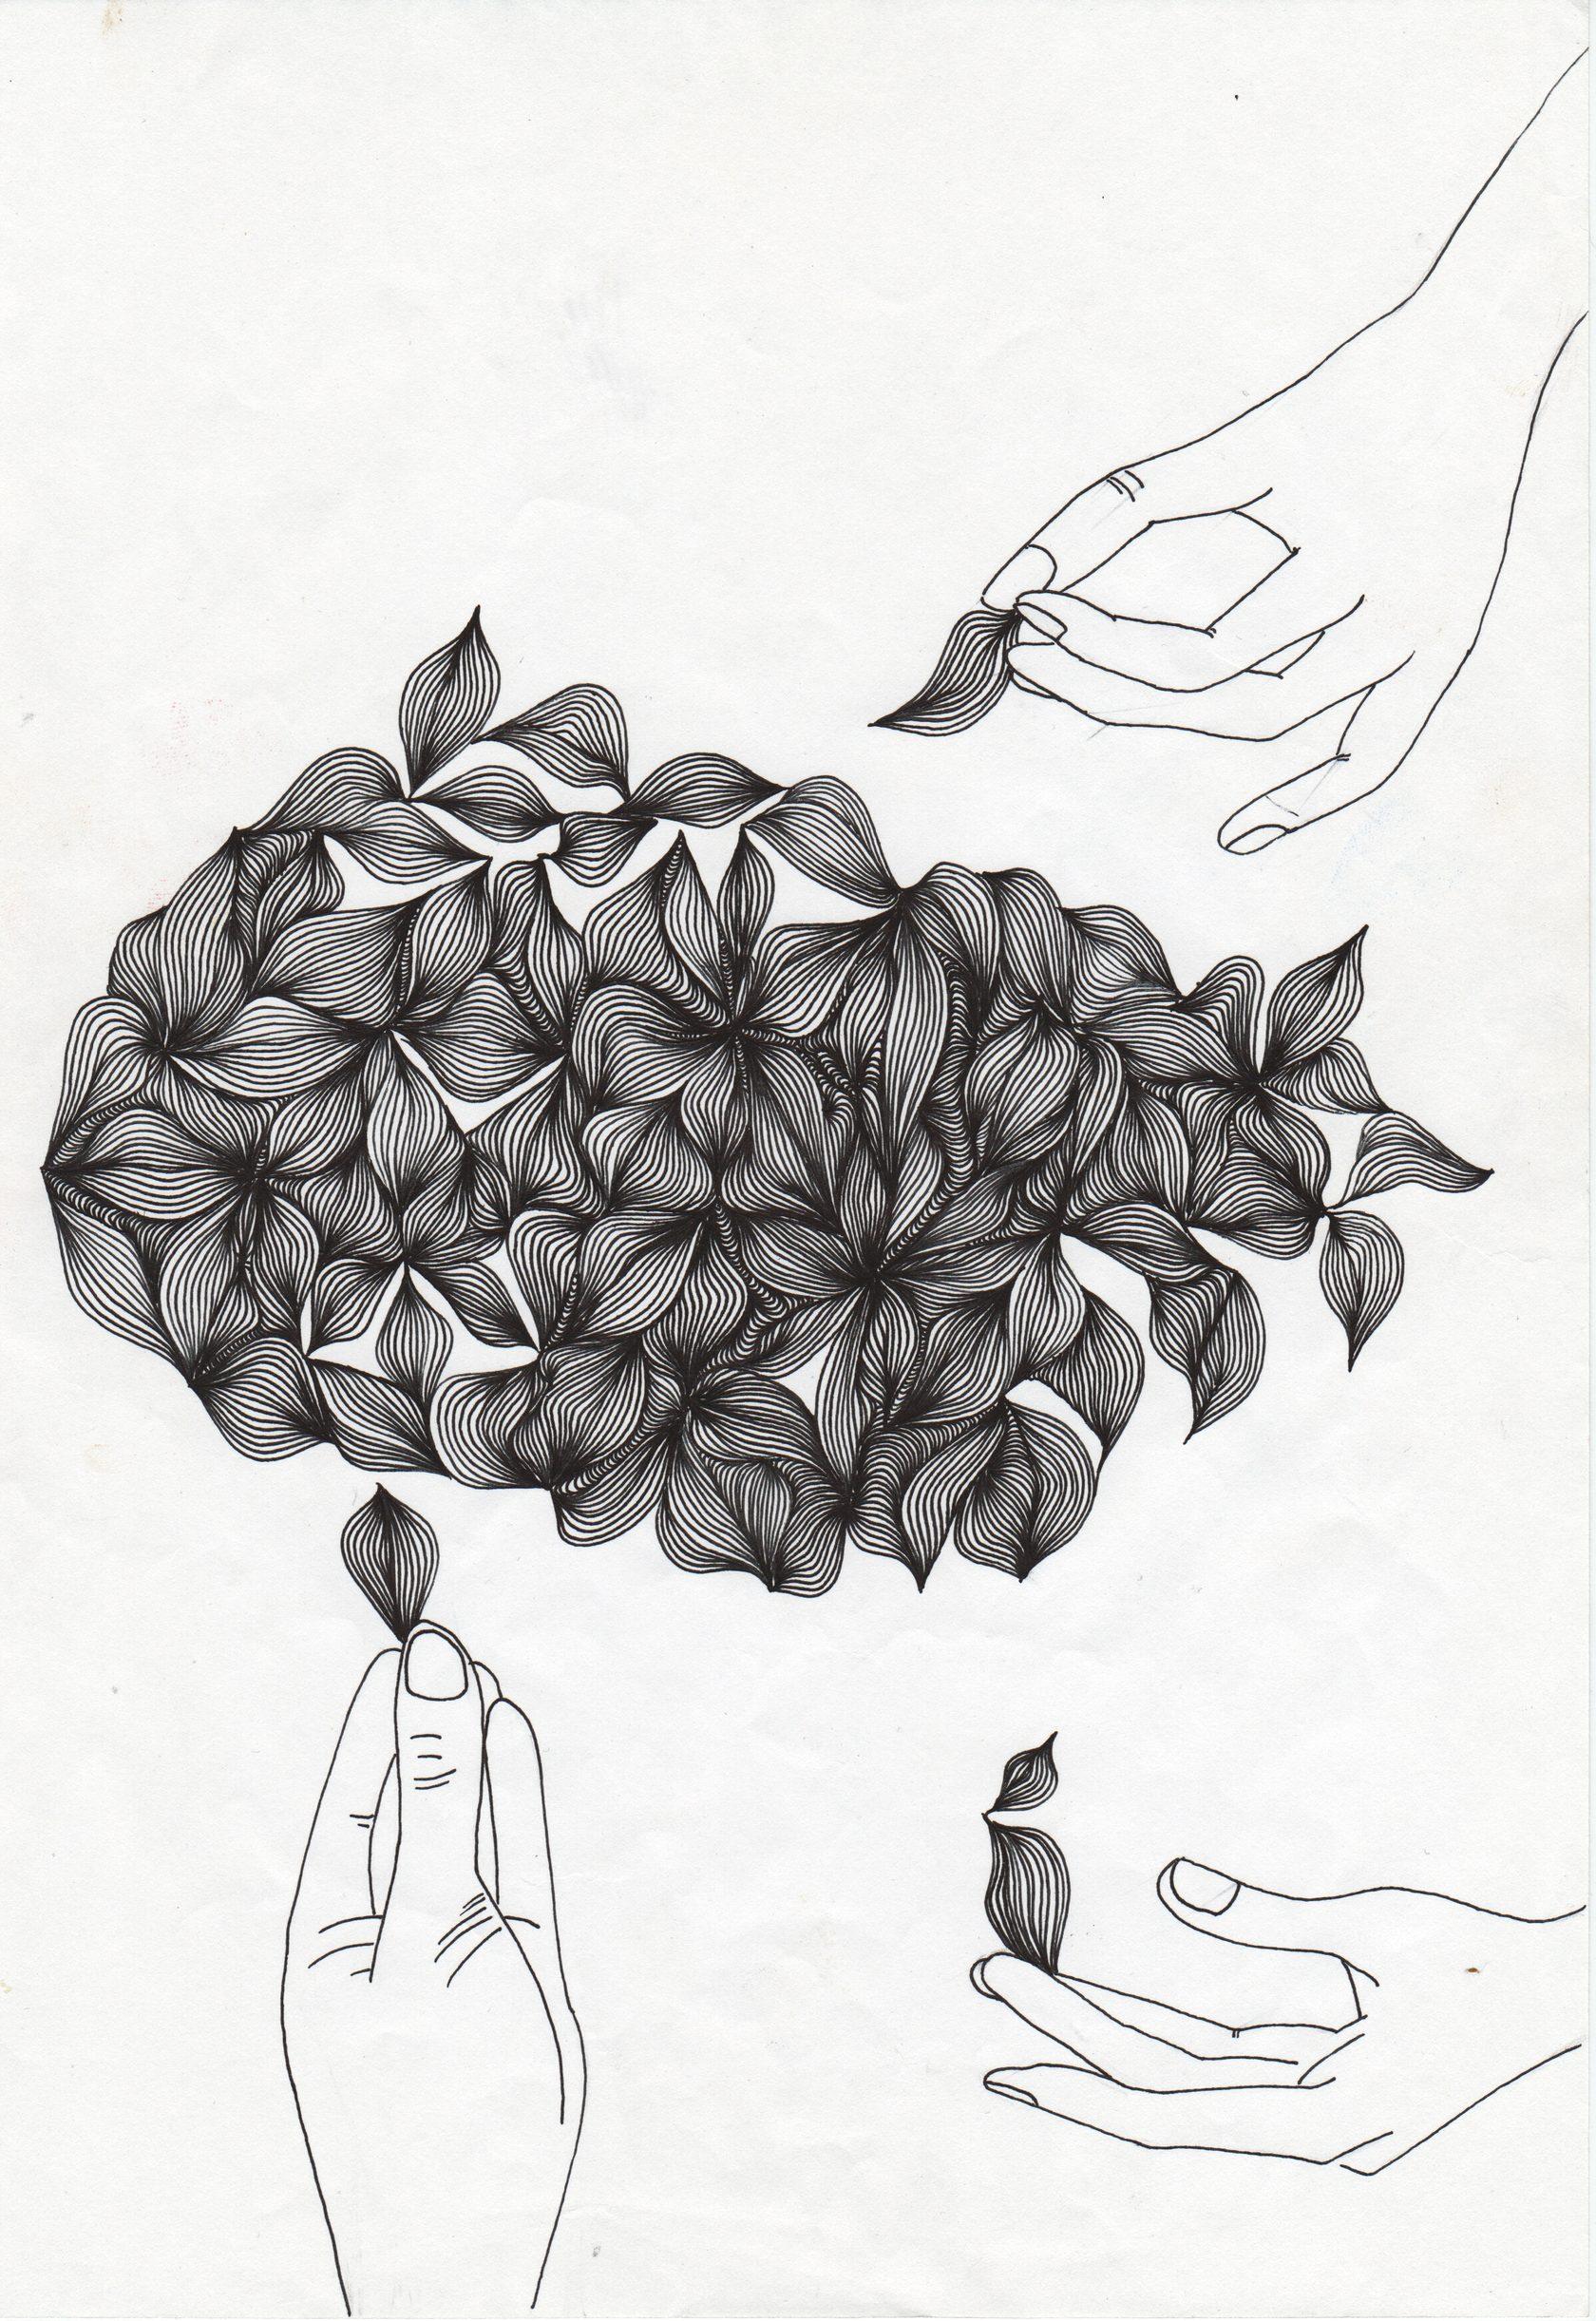 Петербурженка выкладывает свои черно-белые рисунки и ...